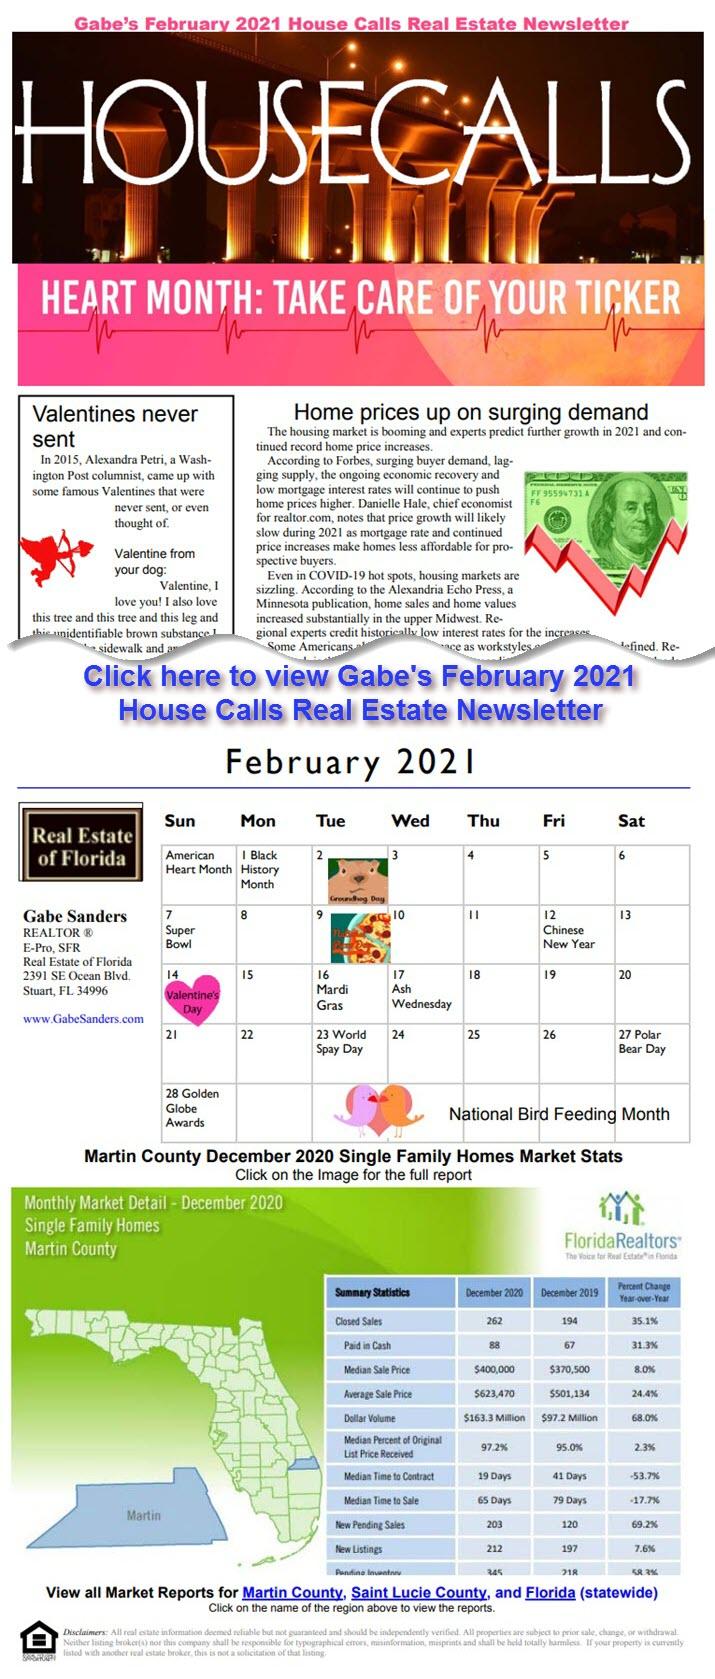 Gabe's February 2021 House Calls Real Estate Newsletter